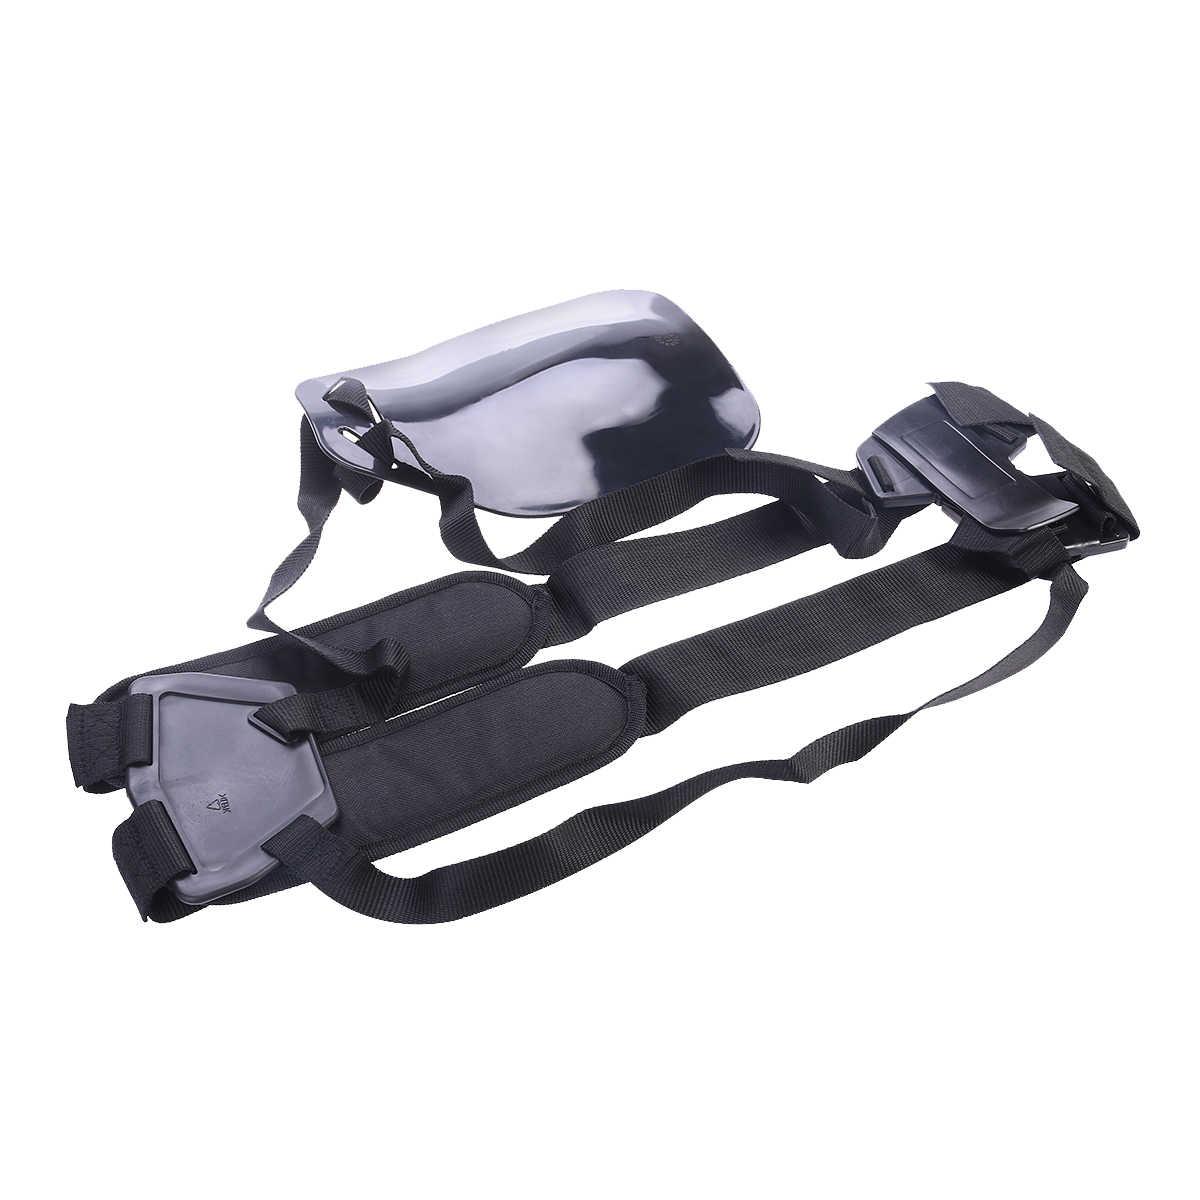 BESTOYARD sangle de confort Double épaule pour débroussailleuses/tondeuses/harnais de Strimmer débroussailleuse de jardin tondeuse à gazon ceinture en Nylon